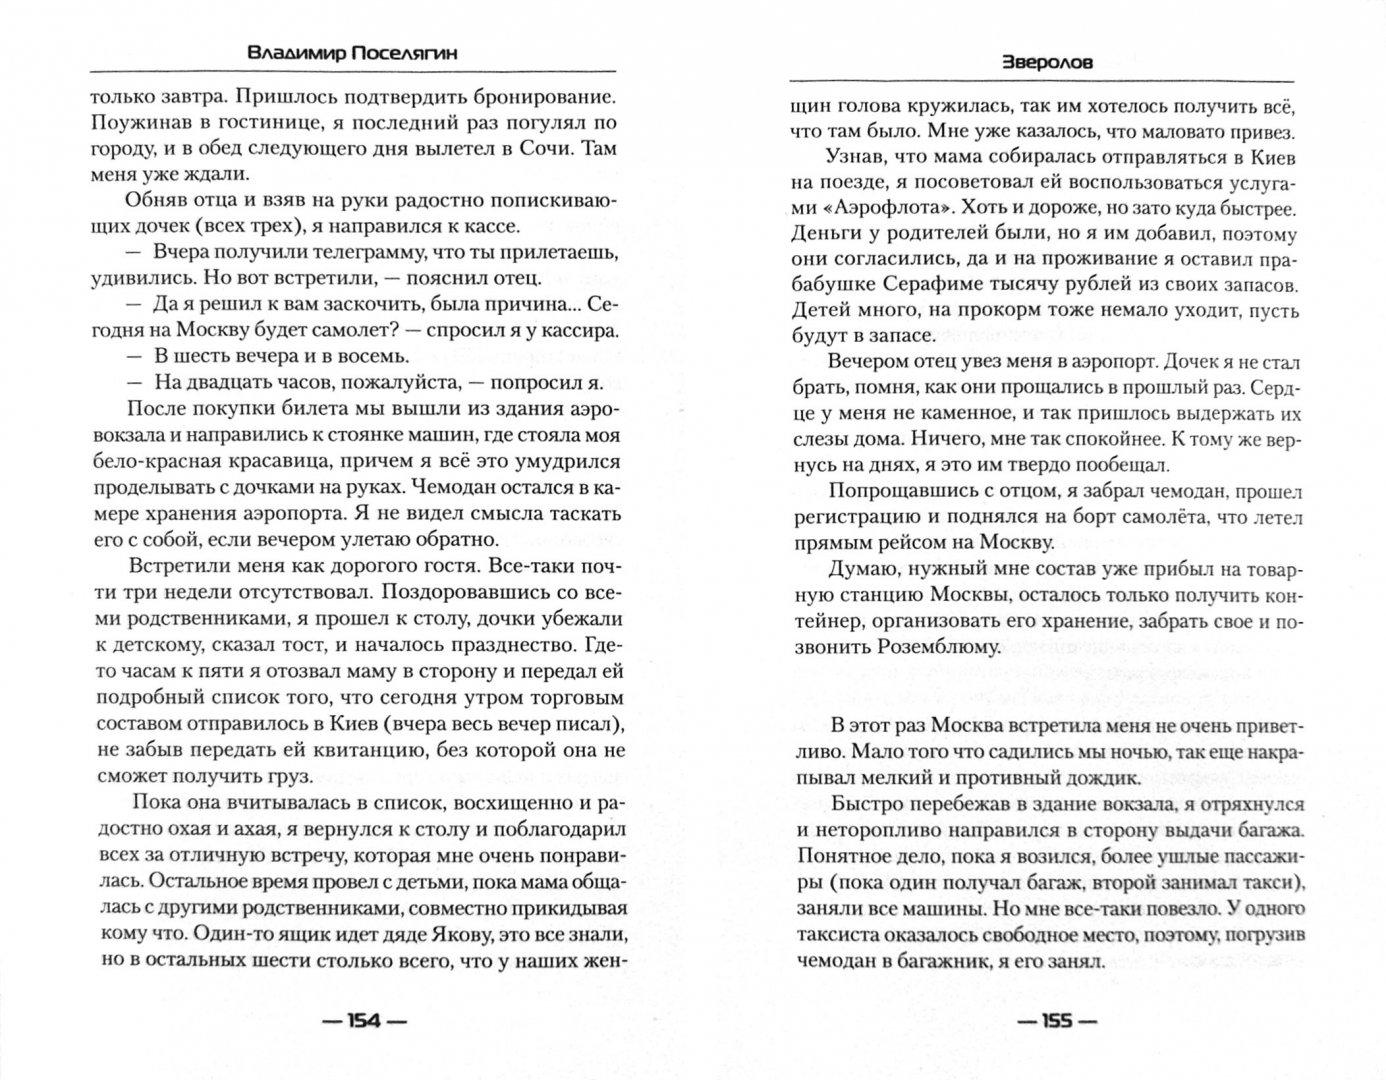 Иллюстрация 1 из 7 для Зверолов - Владимир Поселягин   Лабиринт - книги. Источник: Лабиринт